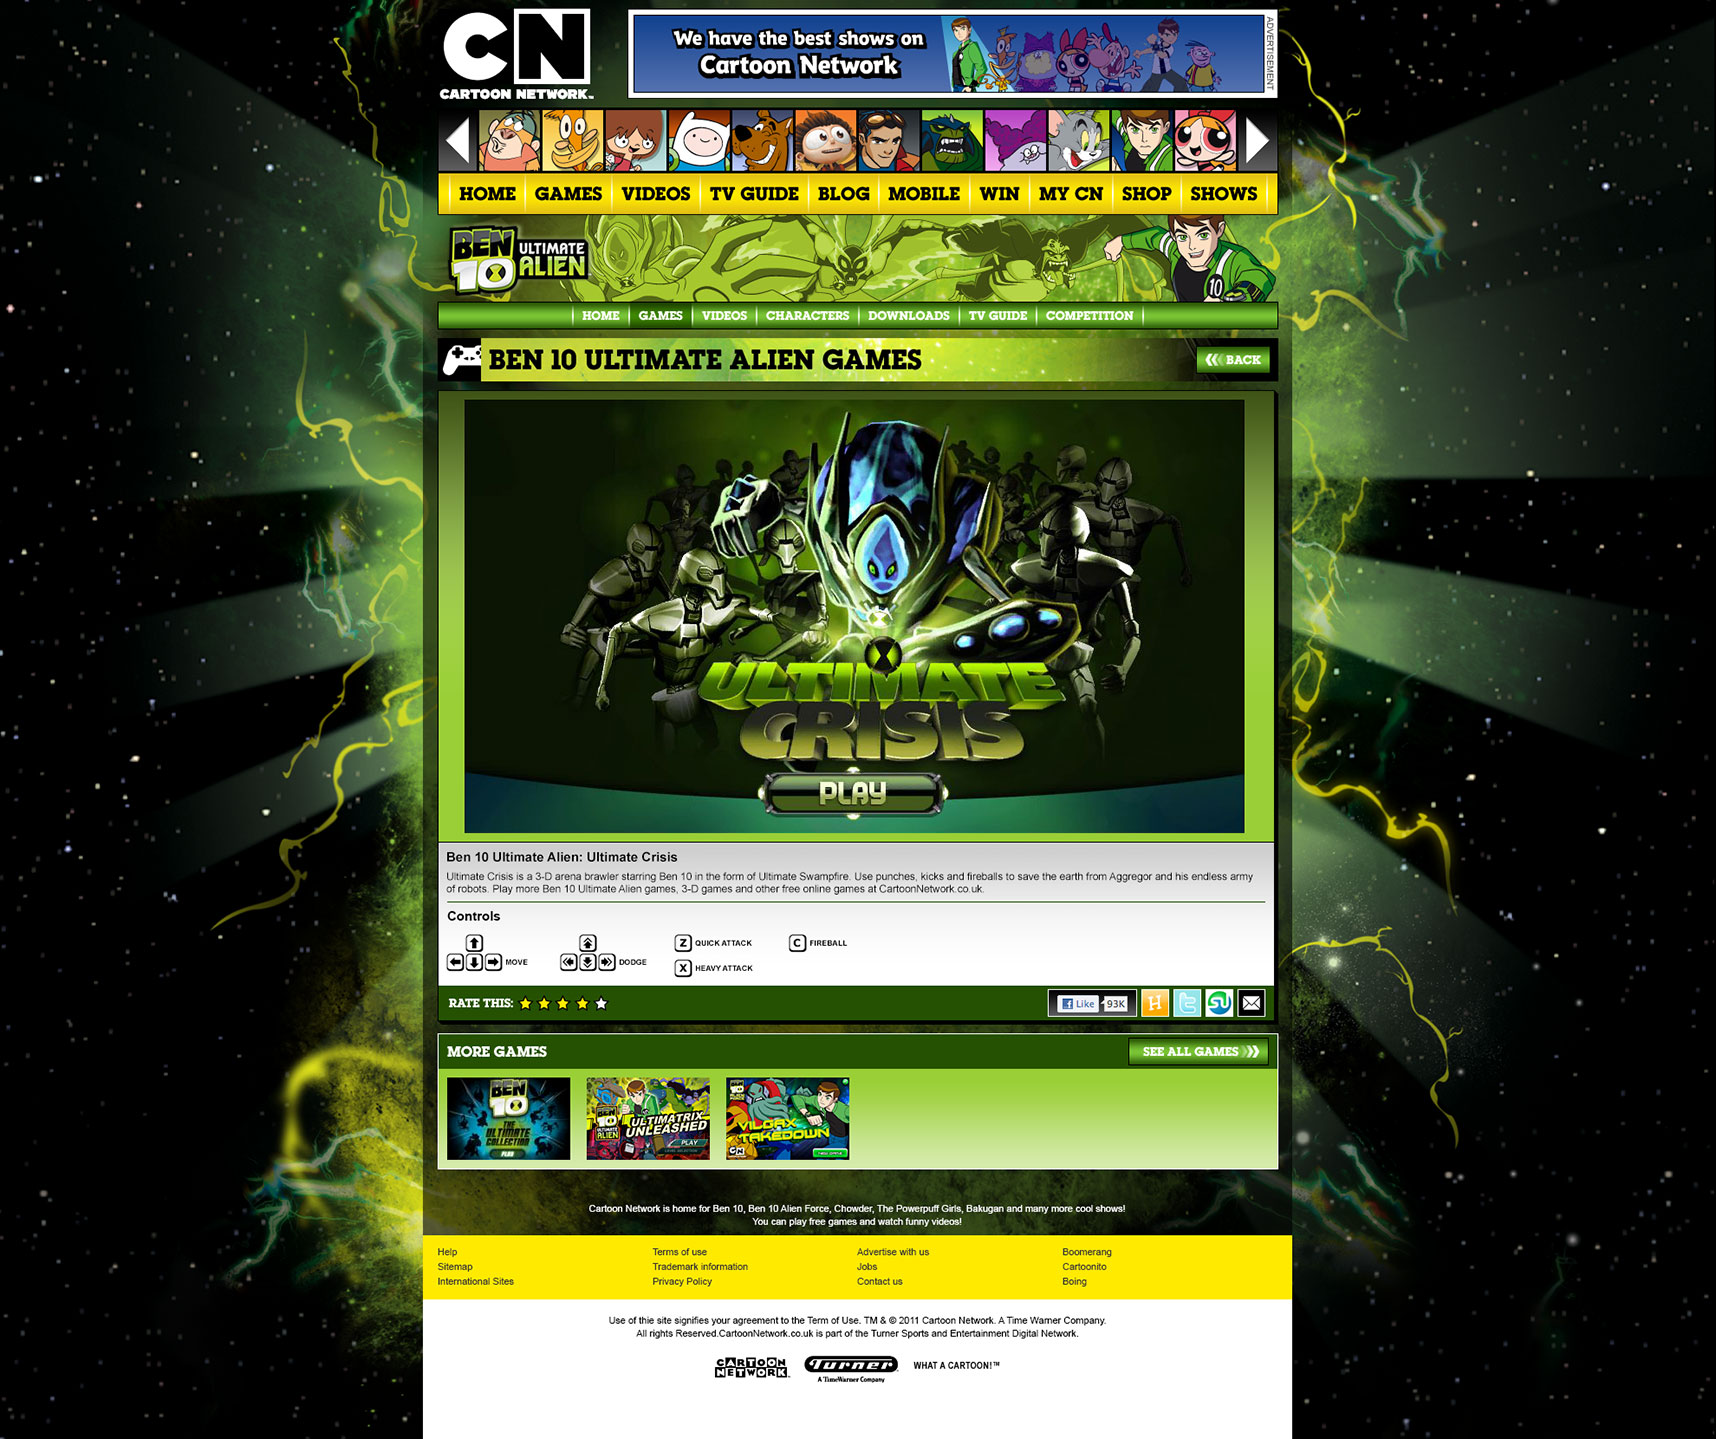 ben 10 ultimate alien crisis game online